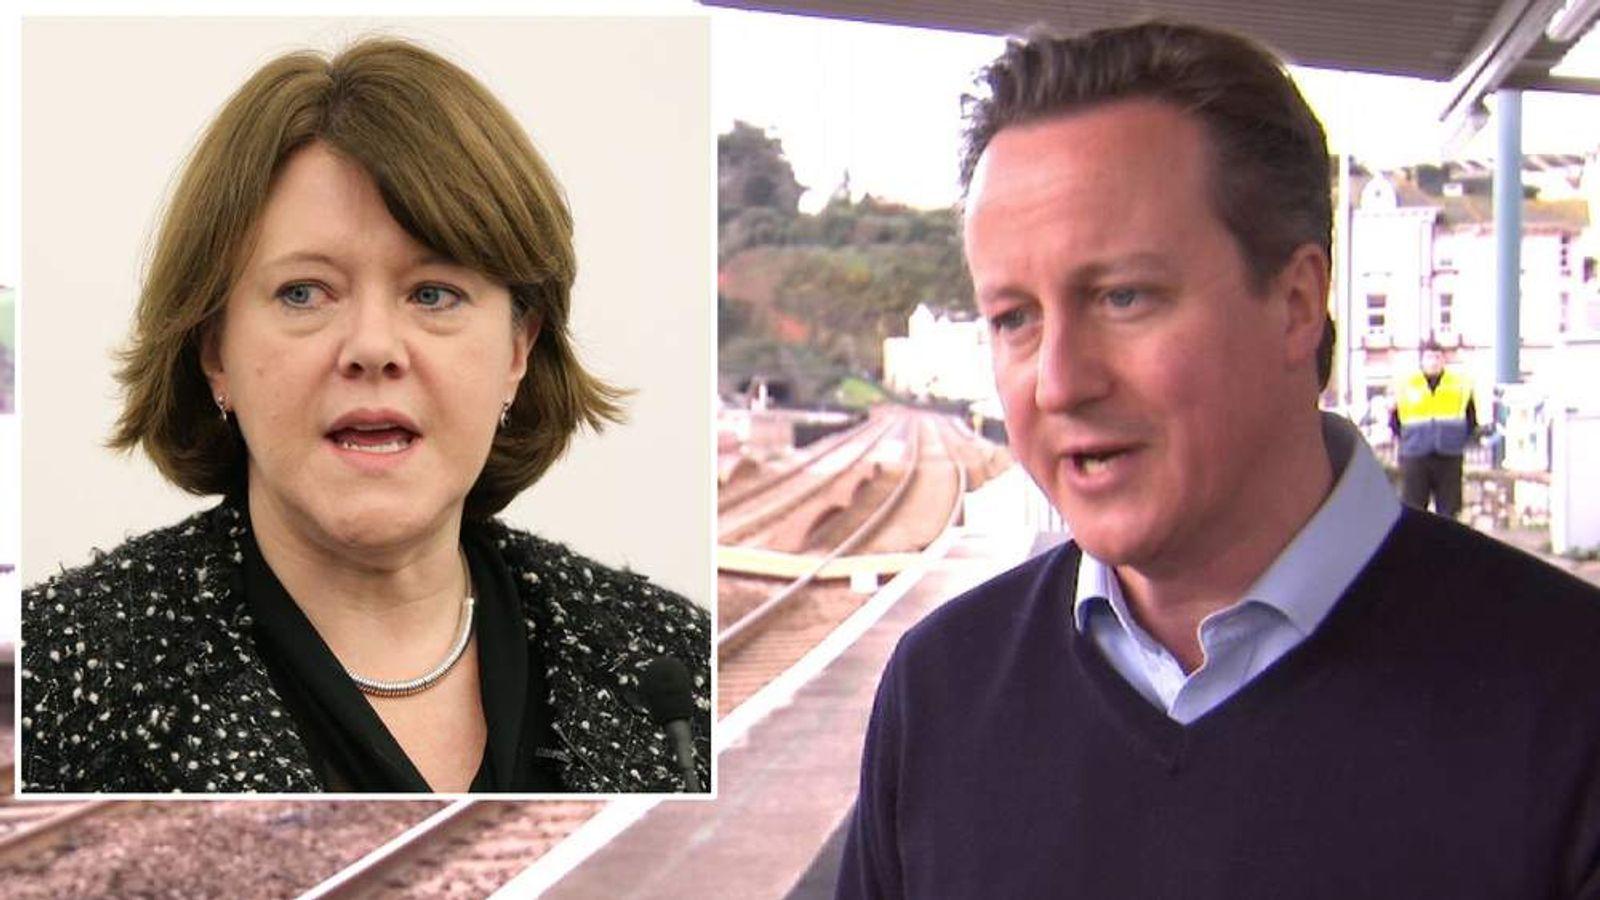 Maria Miller and David Cameron